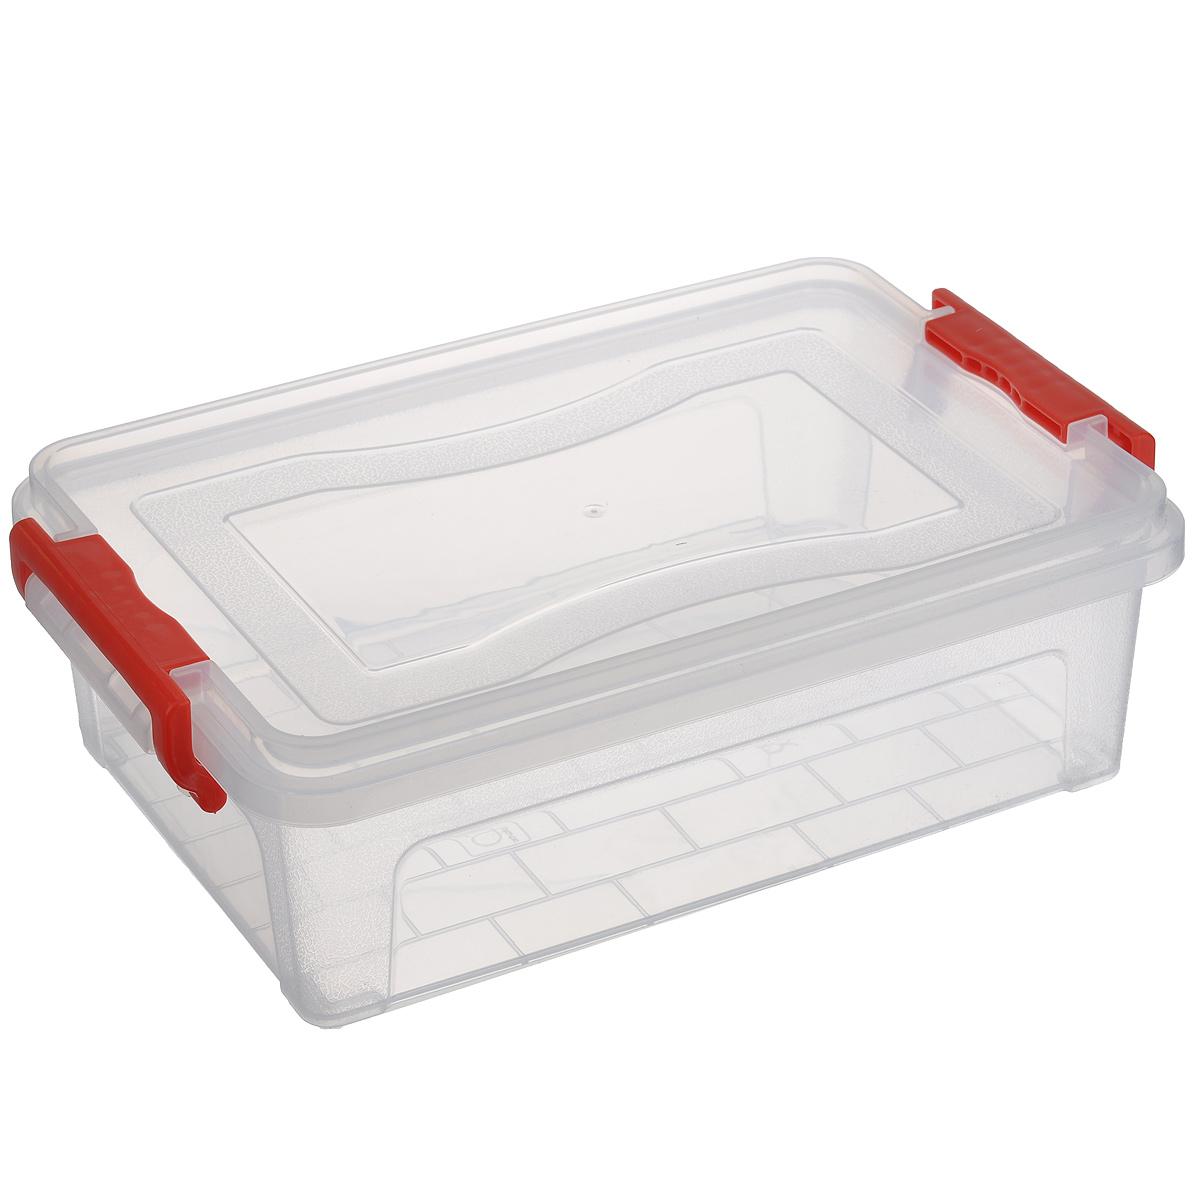 Контейнер для хранения Idea, прямоугольный, цвет: прозрачный, красный, 3,6 л12723Контейнер для хранения Idea выполнен из высококачественного полипропилена. Контейнер снабжен двумя пластиковыми фиксаторами по бокам, придающими дополнительную надежность закрывания крышки. Вместительный контейнер позволит сохранить различные нужные вещи в порядке, а герметичная крышка предотвратит случайное открывание, защитит содержимое от пыли и грязи.